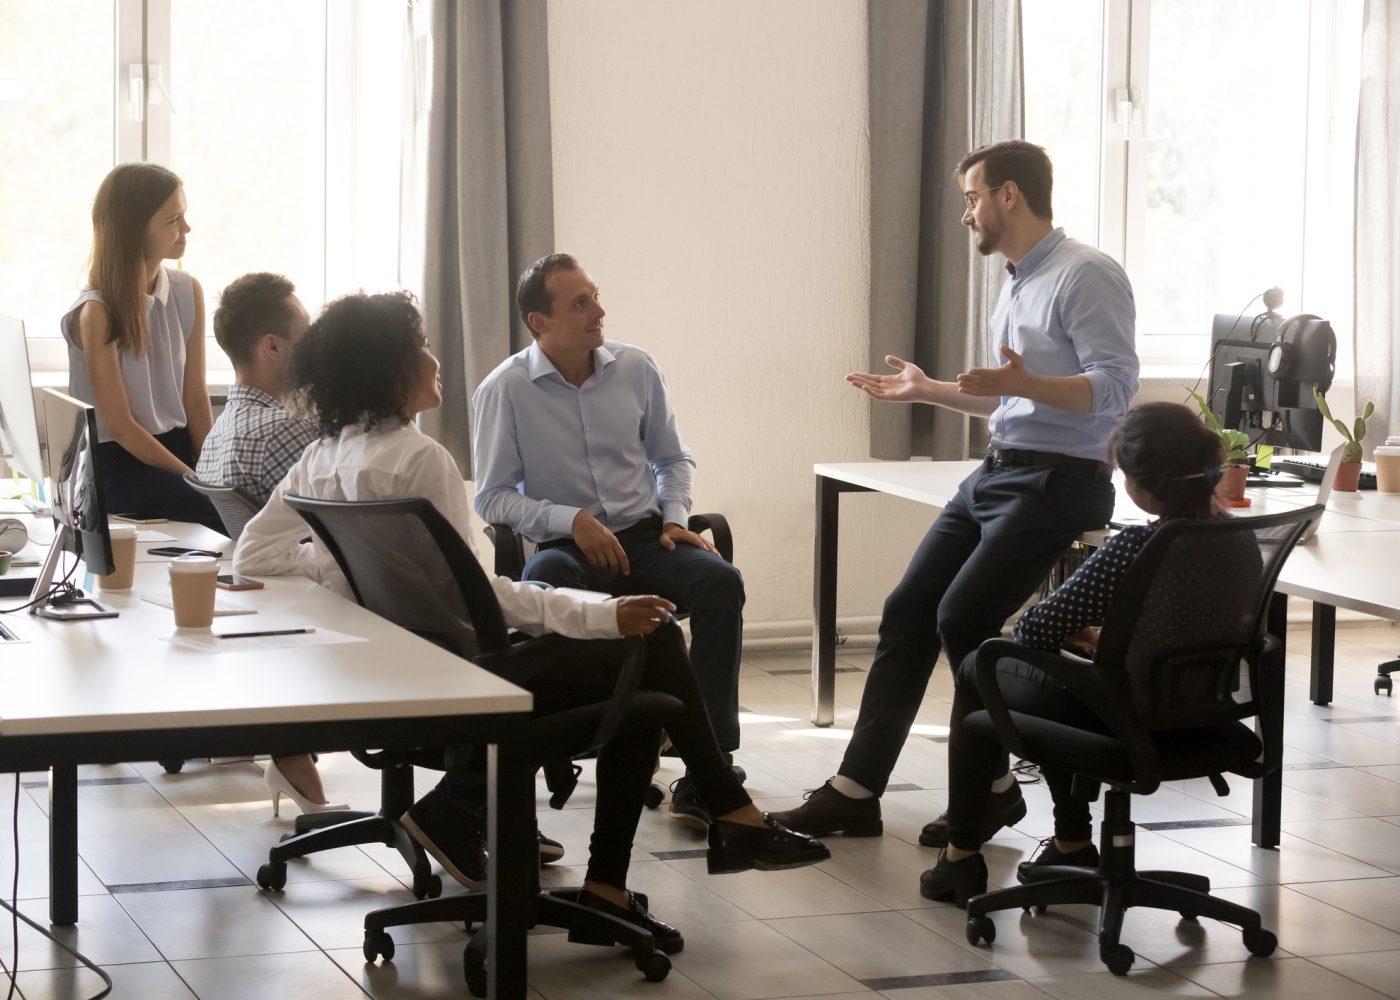 equipa atenta a ouvir um colega no escritorio